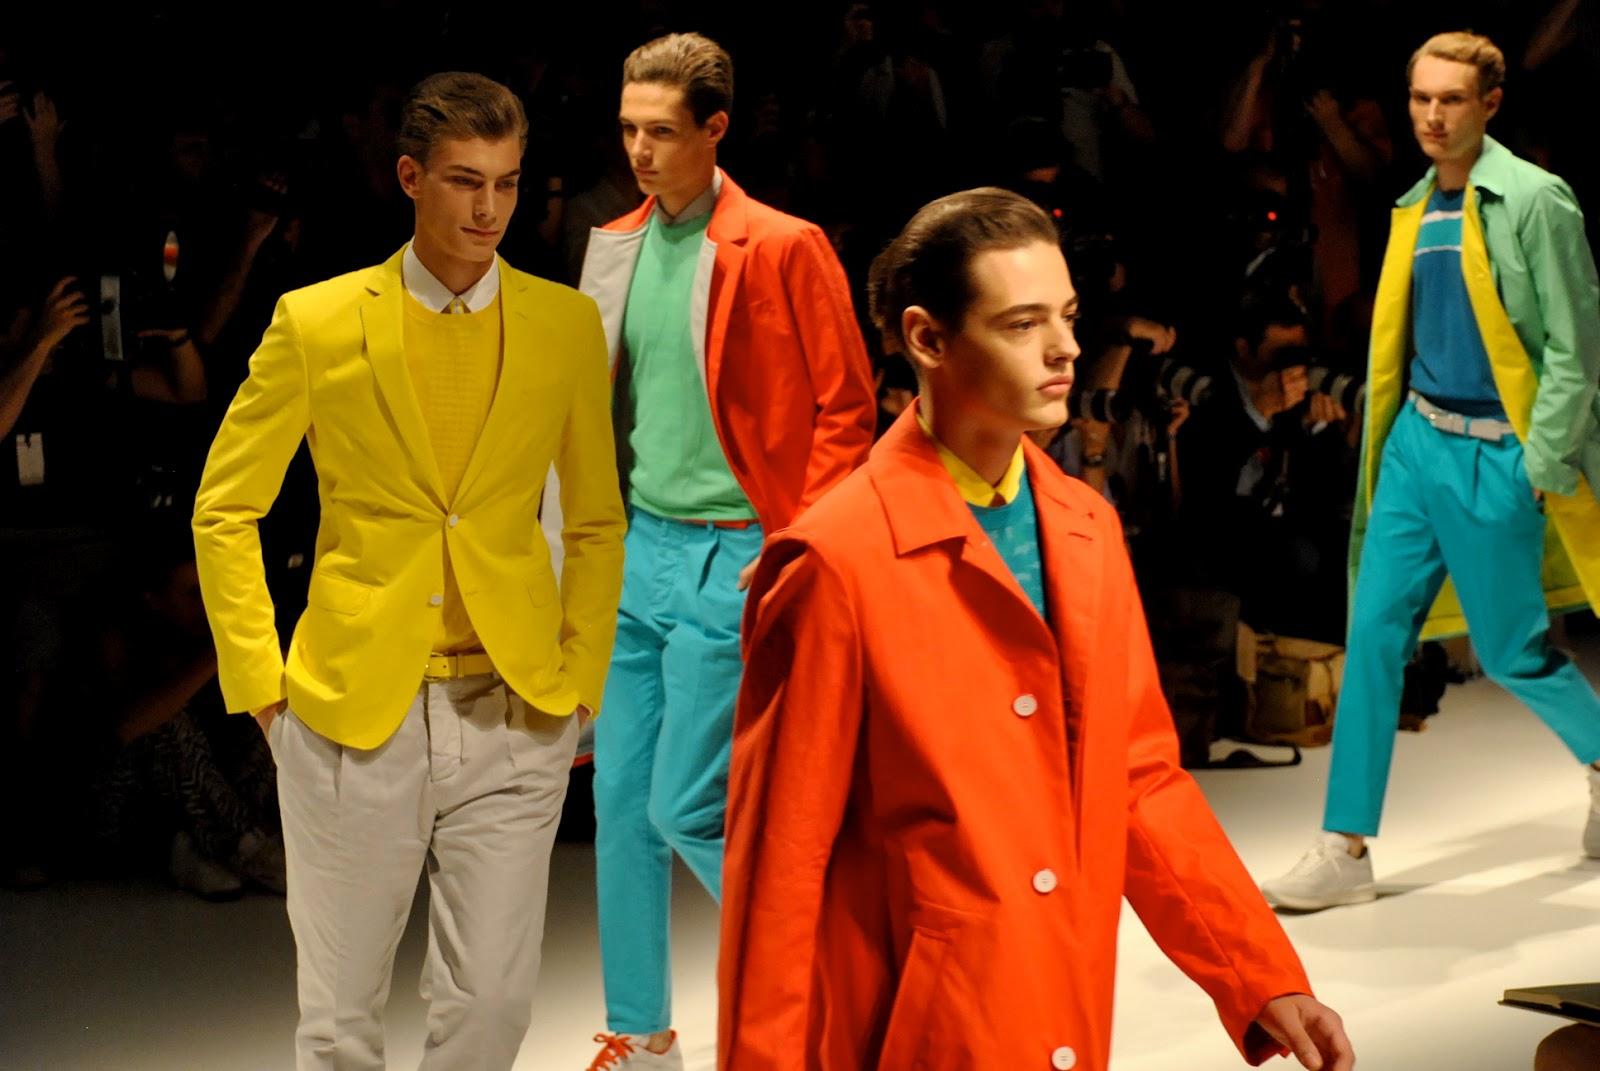 video intermezzo for men fashion trends spring 2013